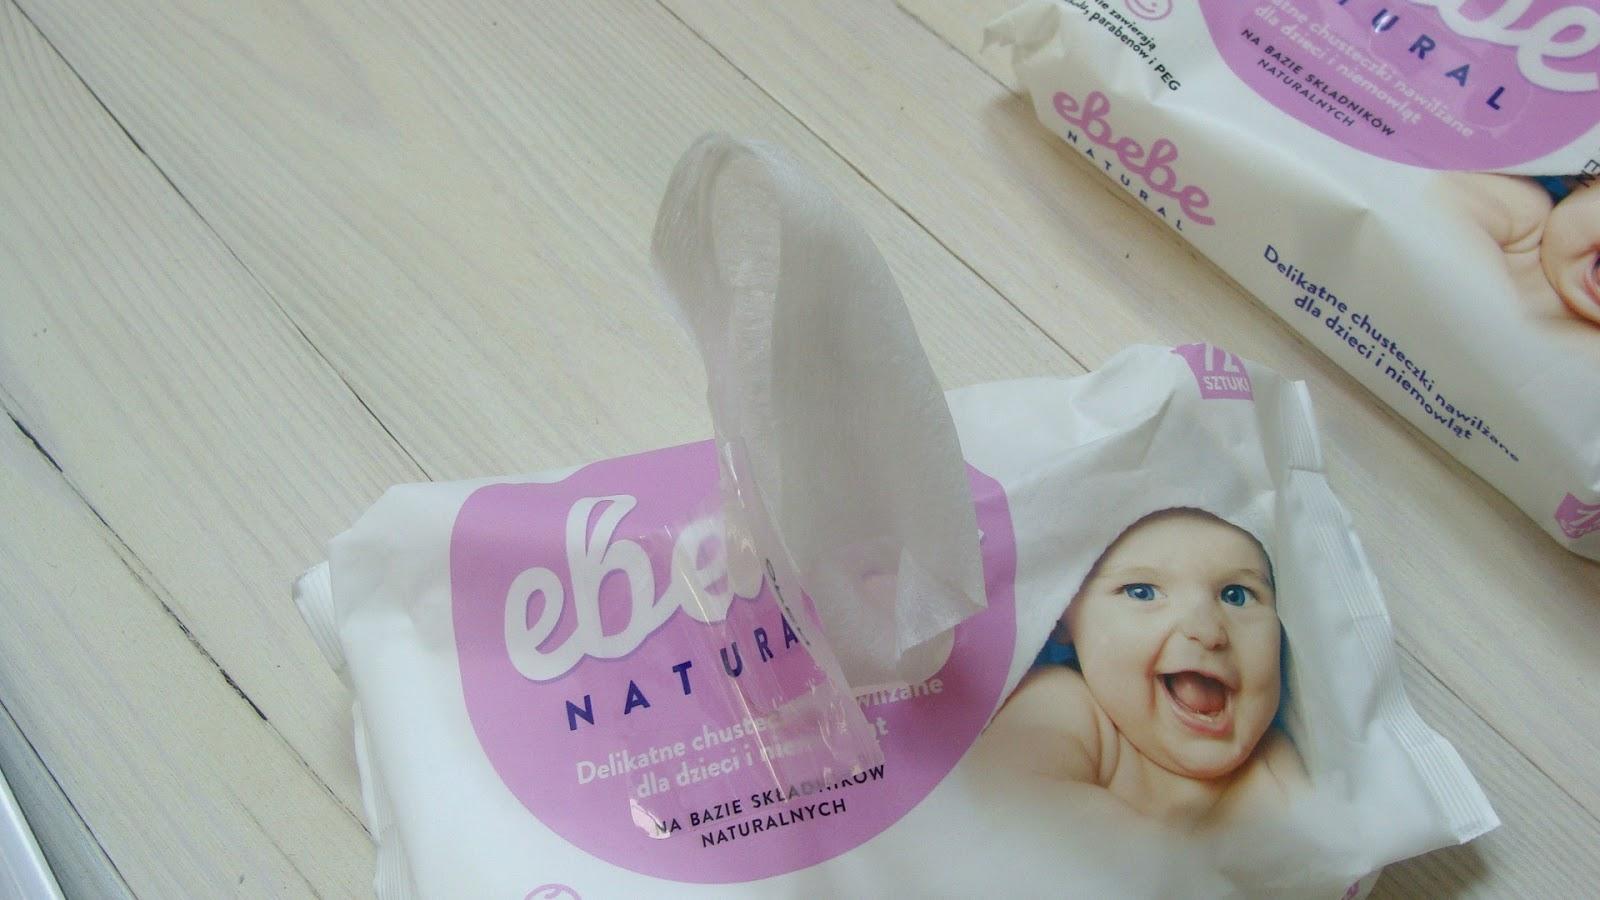 Ebebe Natural - chusteczki nawilżane z dobrym składem